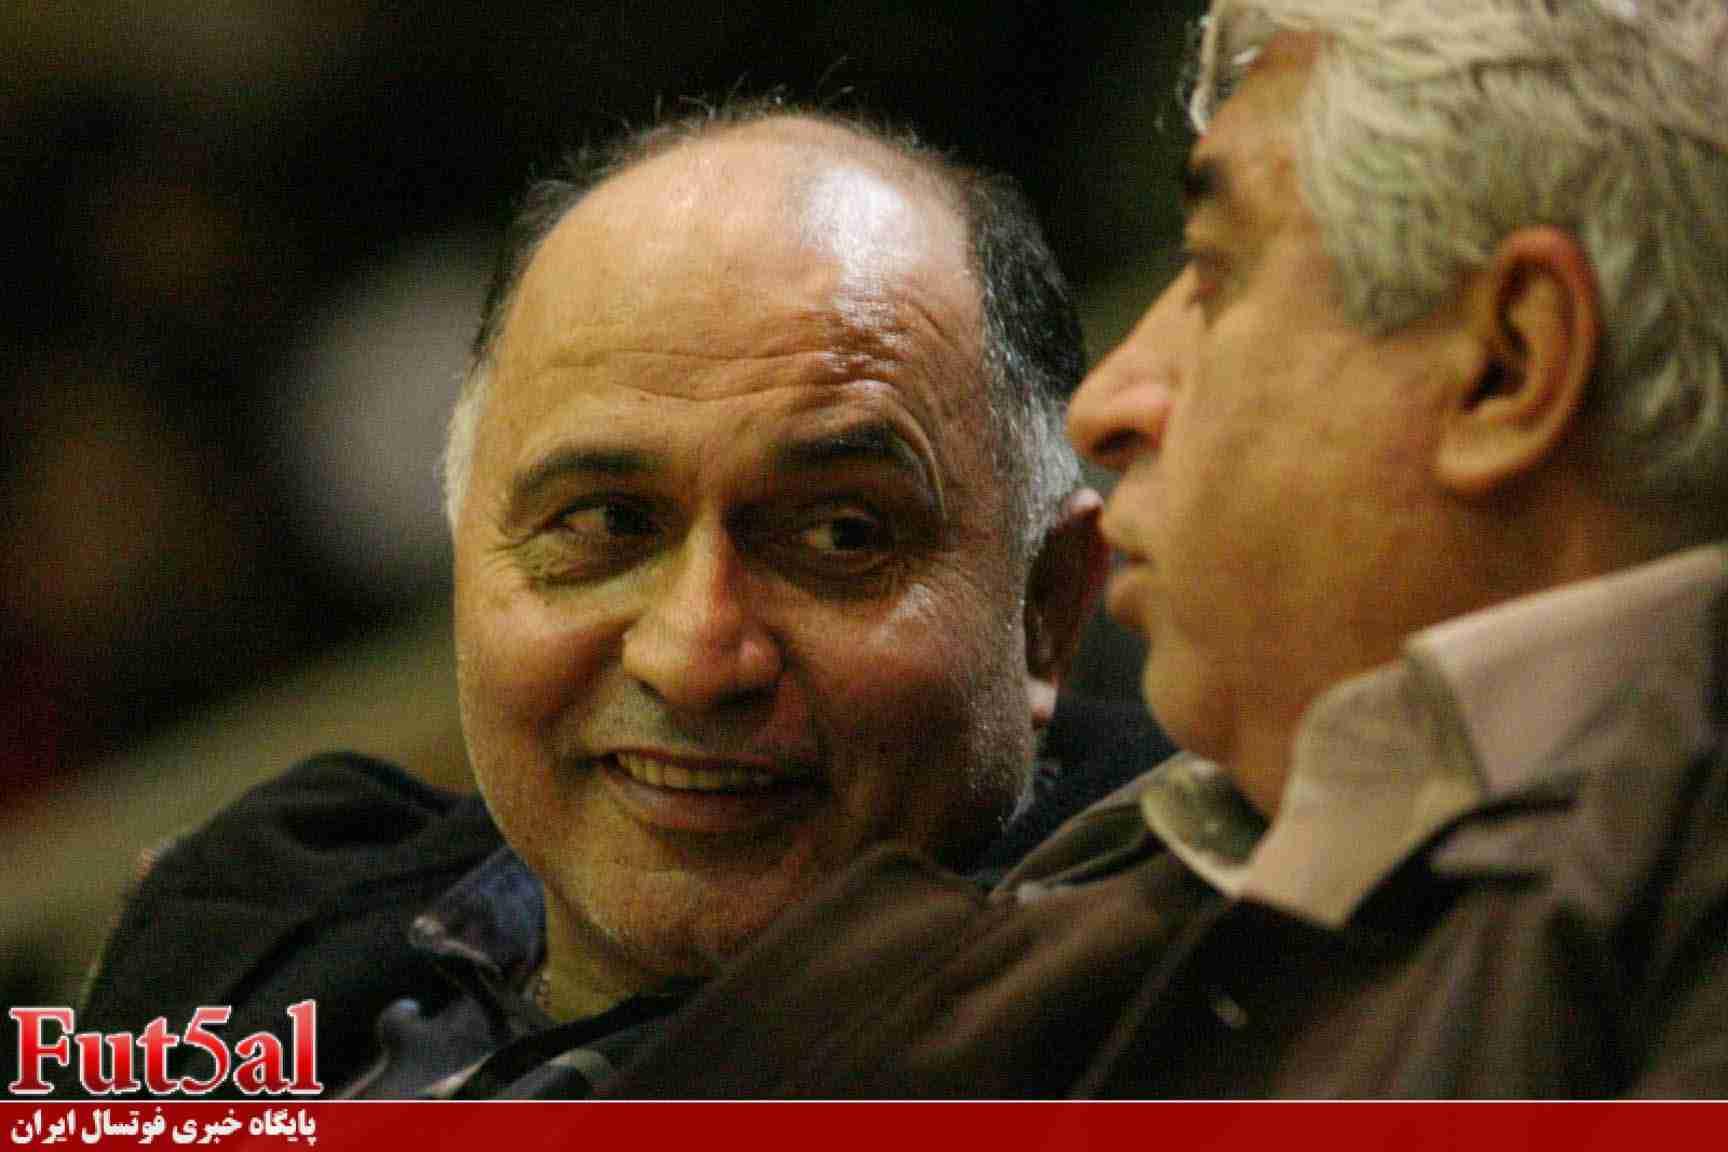 باشگاه دبیری امروز در مورد استعفای شمس تصمیم می گیرد